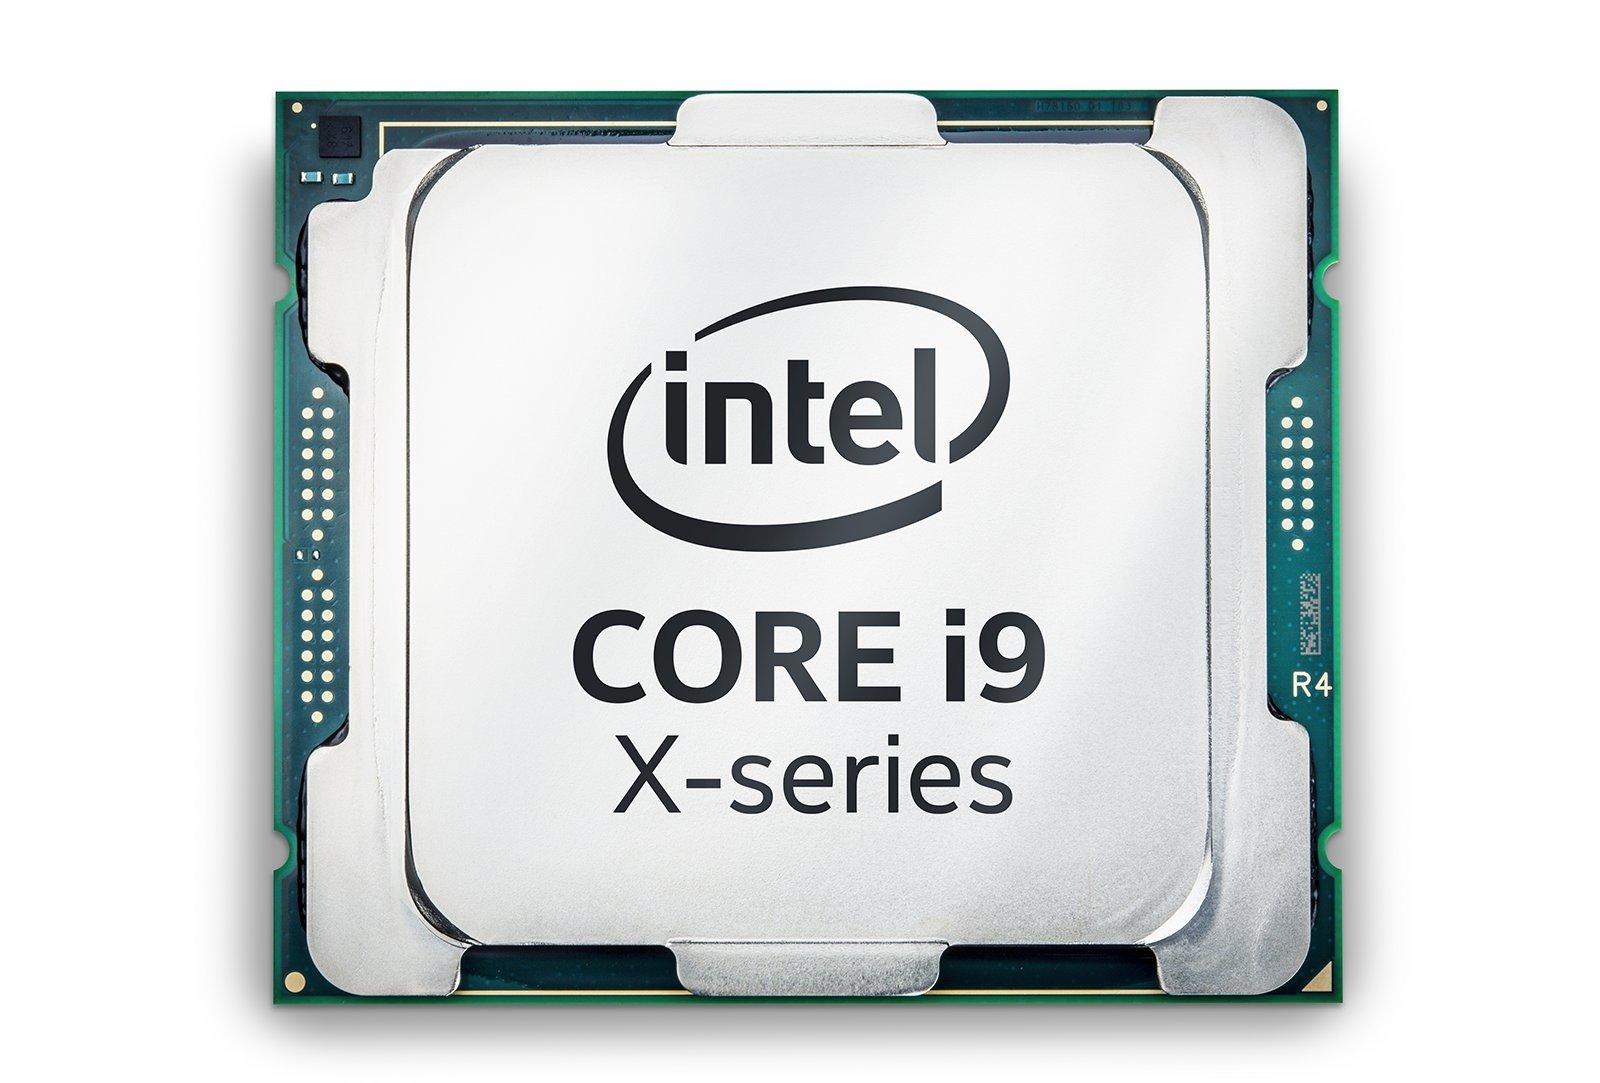 intel i9 Extreme